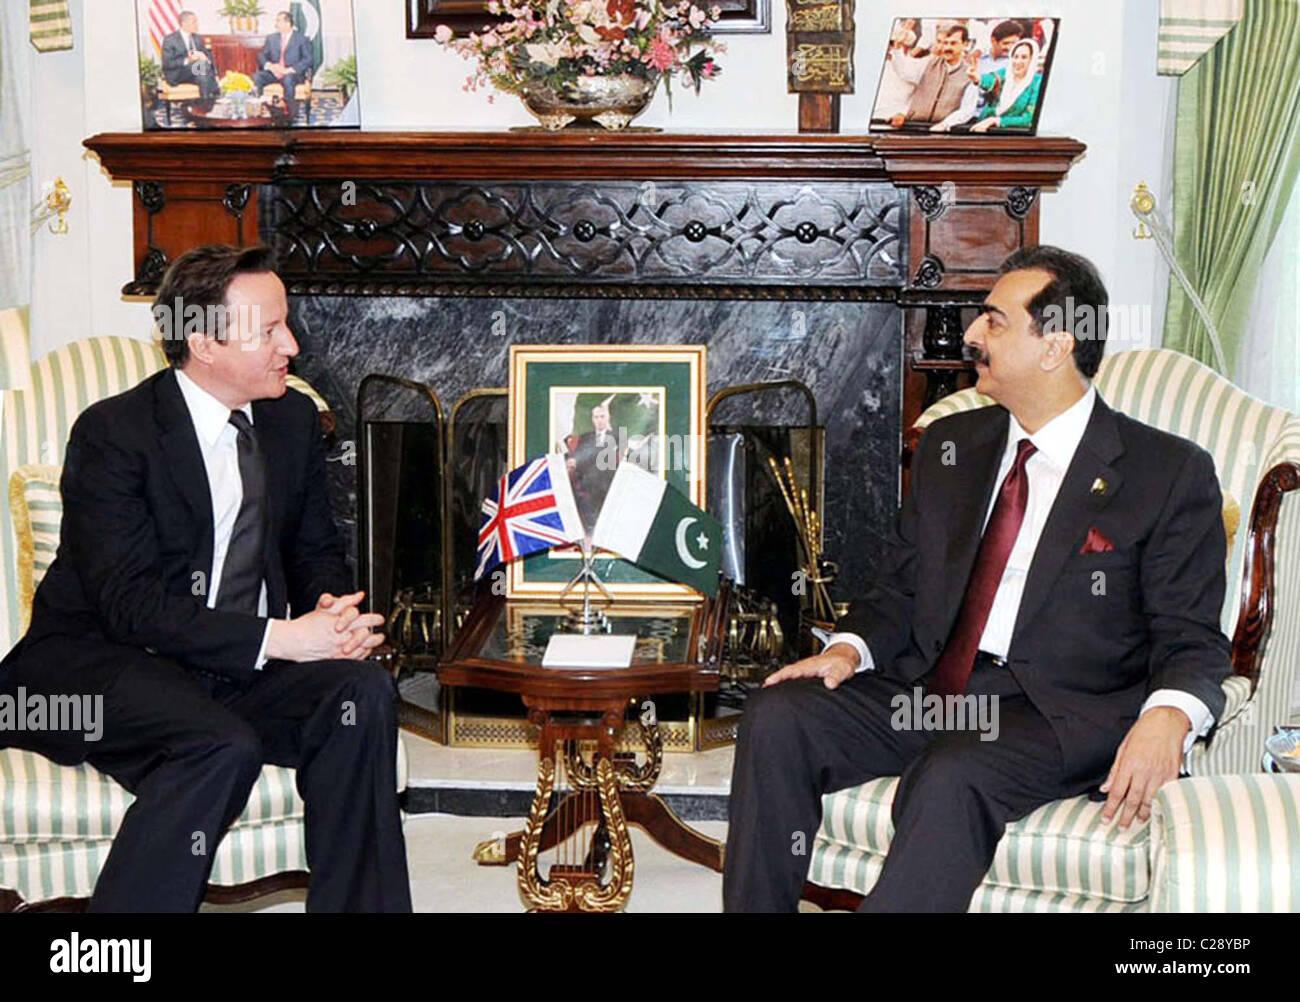 Herr Ministerpräsident, tauscht Syed Yousuf Raza Gilani Ansichten mit seinem britischen Amtskollegen David Cameron bei Treffen im PM House Stockfoto